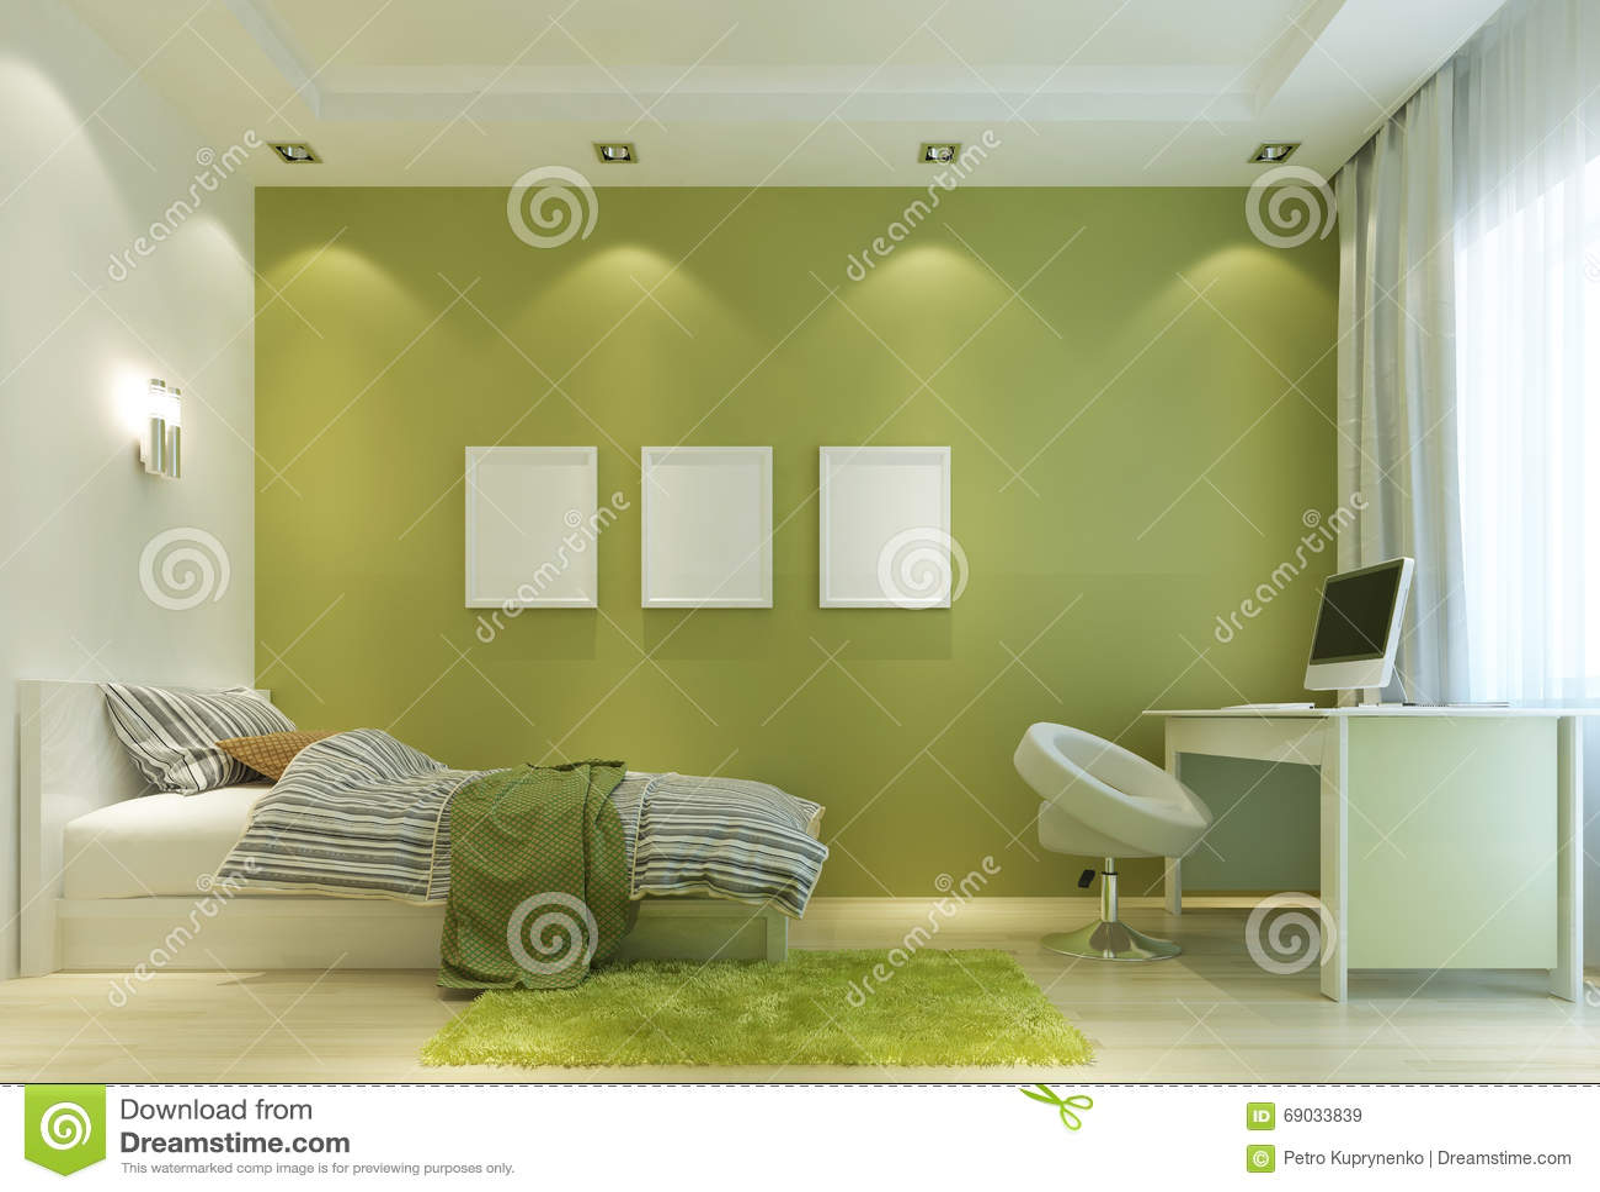 Progetti una stanza del bambino in uno stile contemporaneo, con un letto e una a